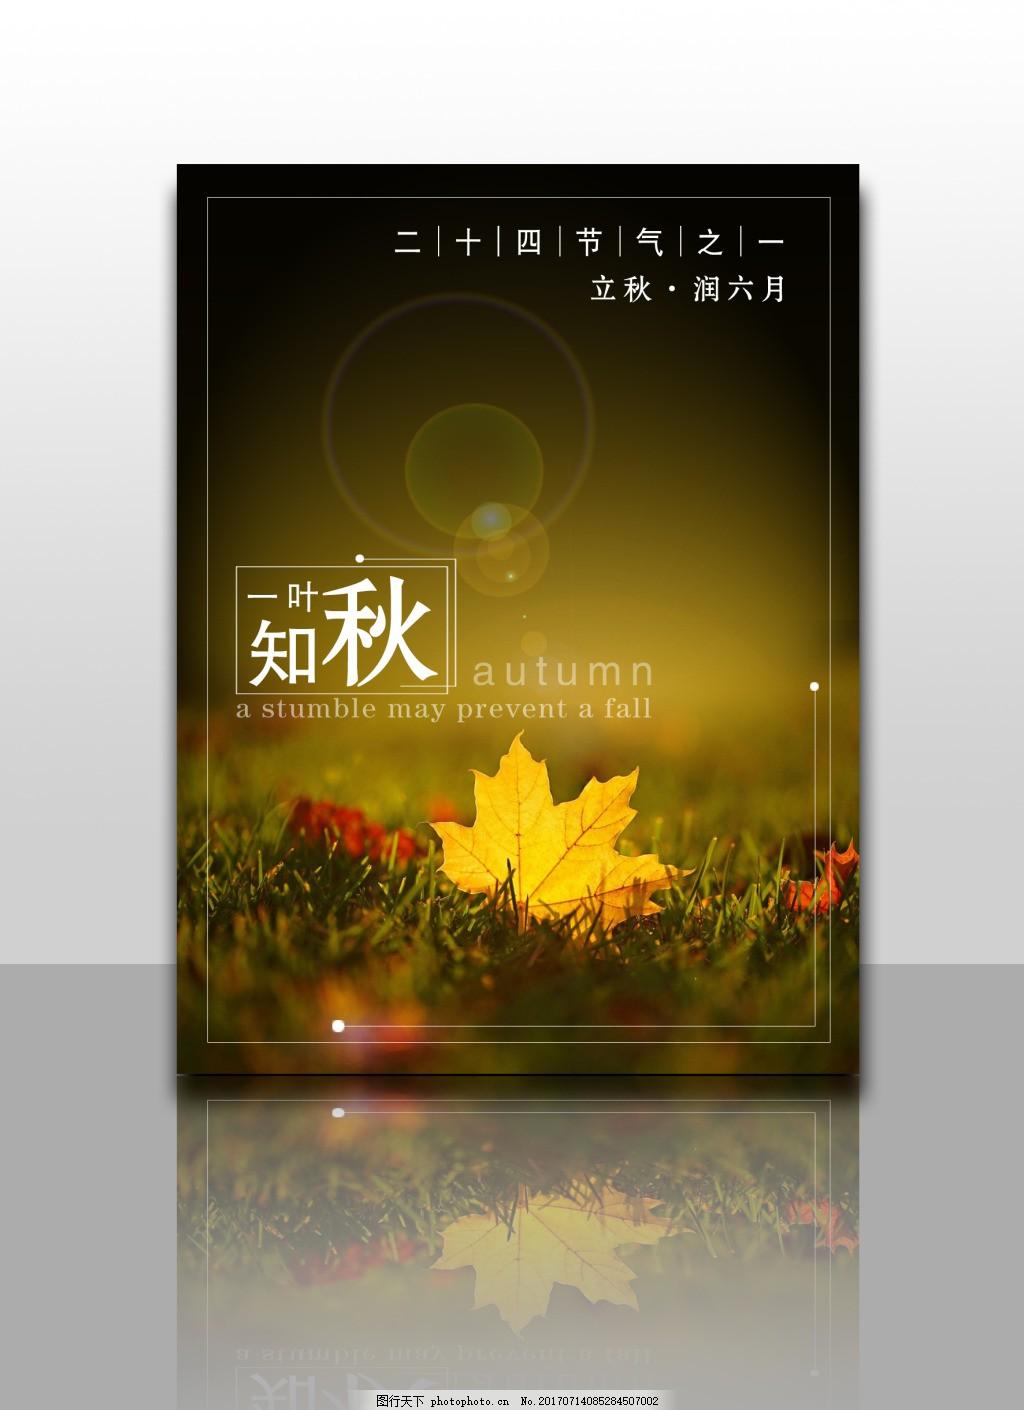 一叶知秋二十四节气立秋平面设计秋季海报素材